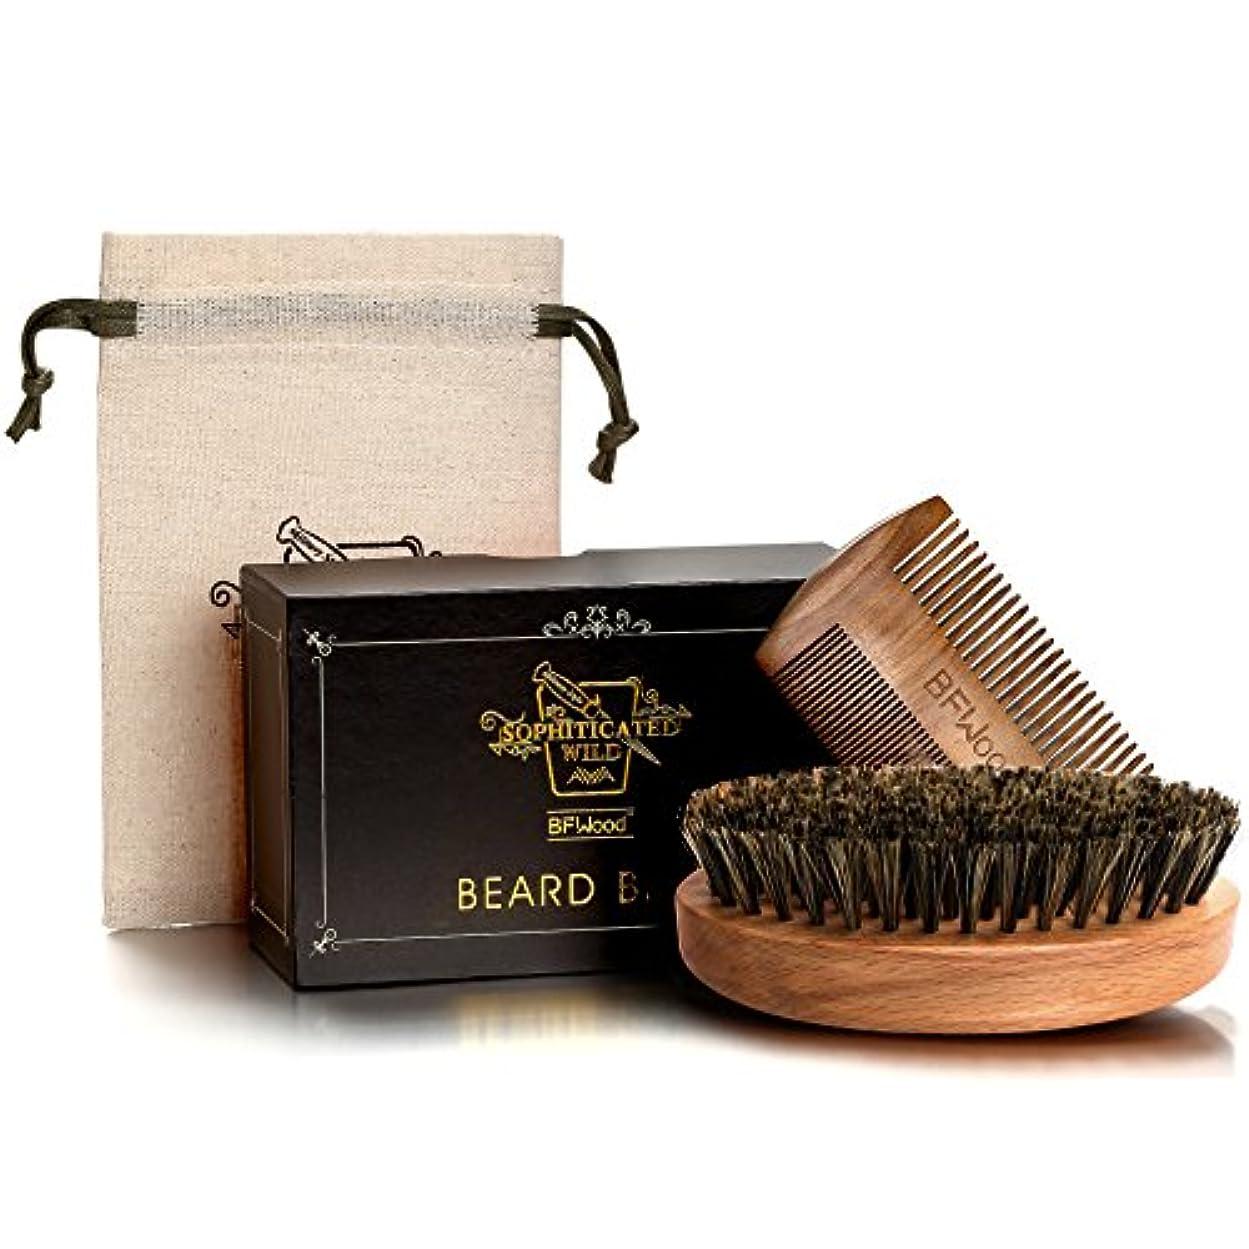 メジャー研究所経度BFWood Beard Brush Set 豚毛髭ブラシと木製コム アメリカミリタリースタイル (ブラシとコムセット)